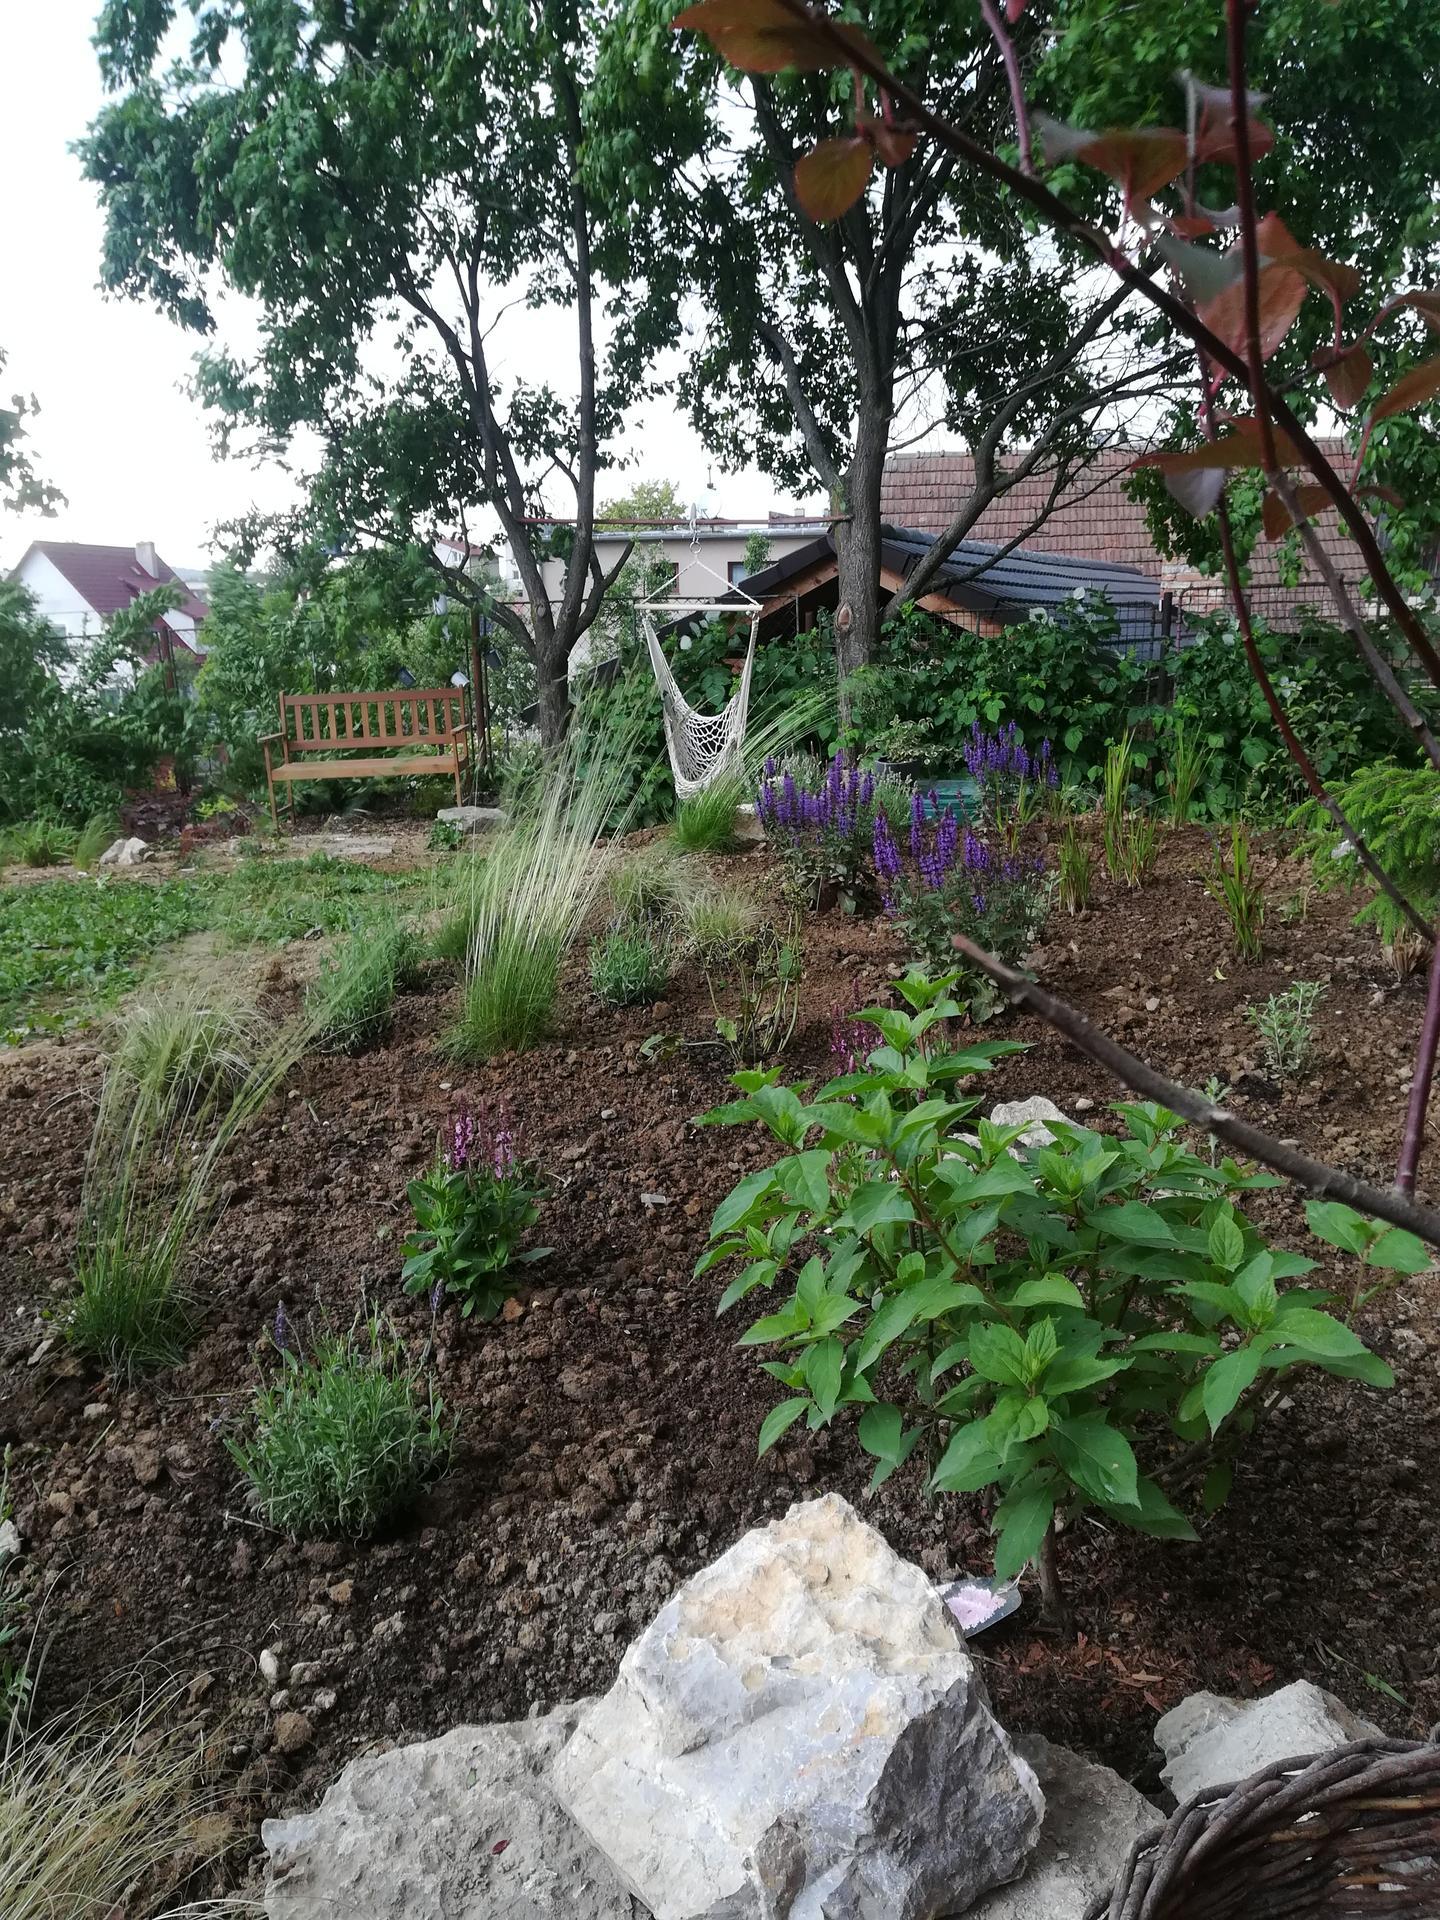 Žijeme vonku - Vysádzam ďalší kúsok našej divočiny pre včely 😊 šalvie, levandule, perovskie, hortenzia, drieň.. A samozrejme trávy 😊